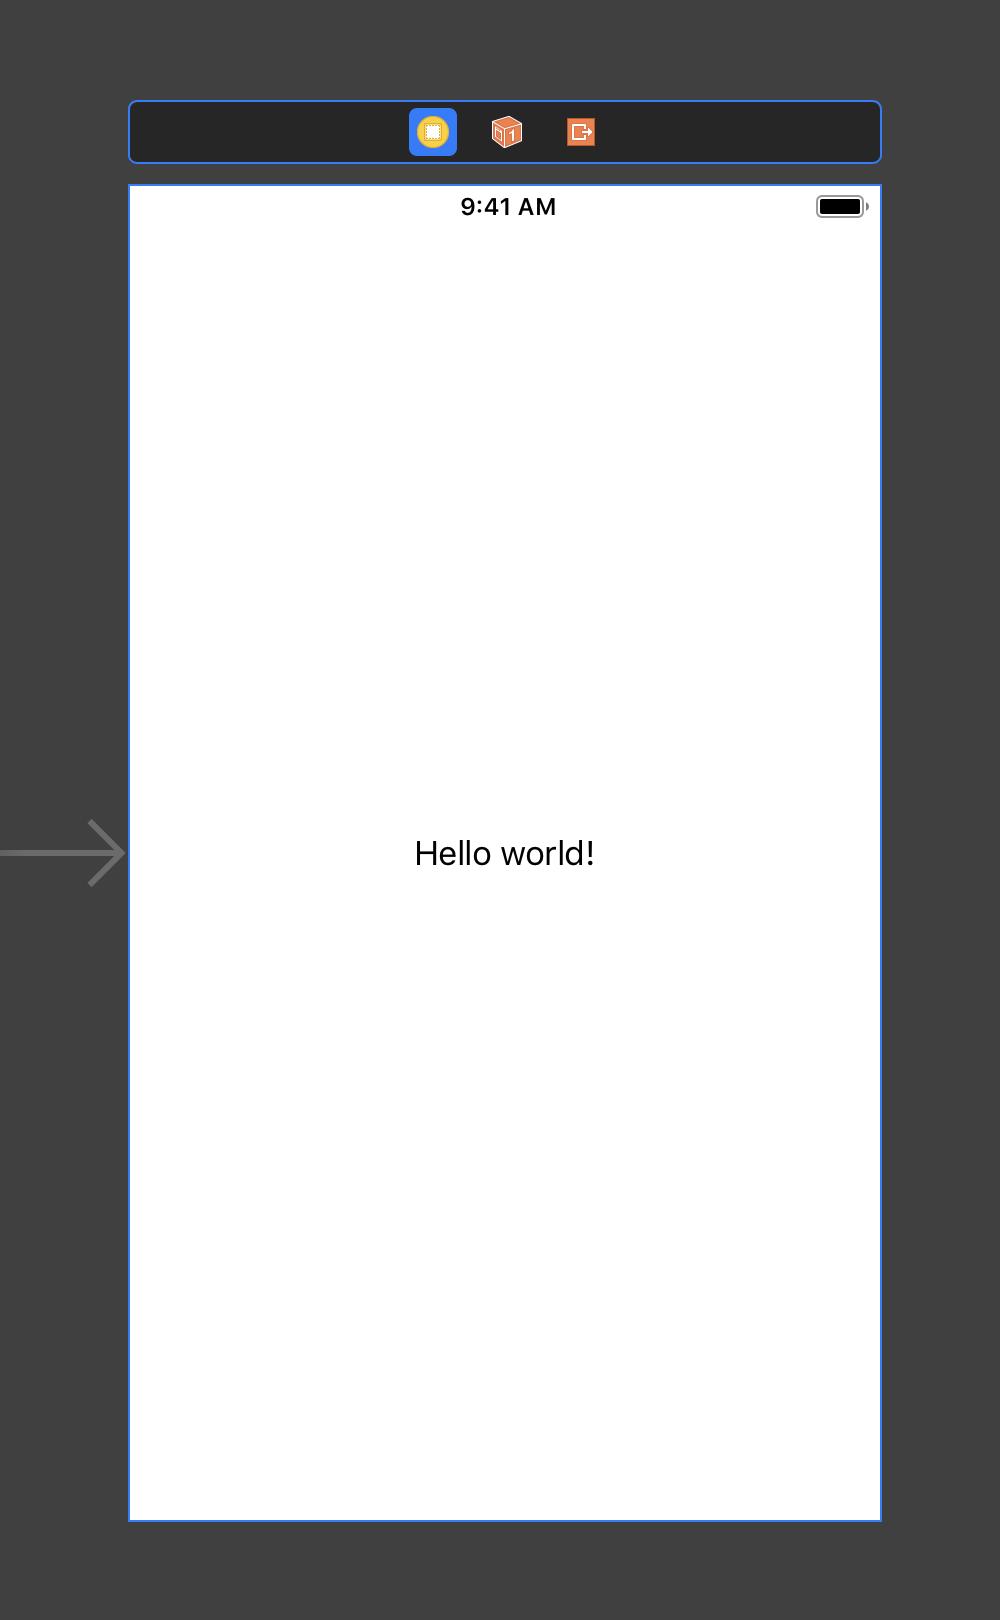 Die Beispiel-App verfügt über ein Label, dessen Text bereits in der Development Language Englisch passend übersetzt ist.